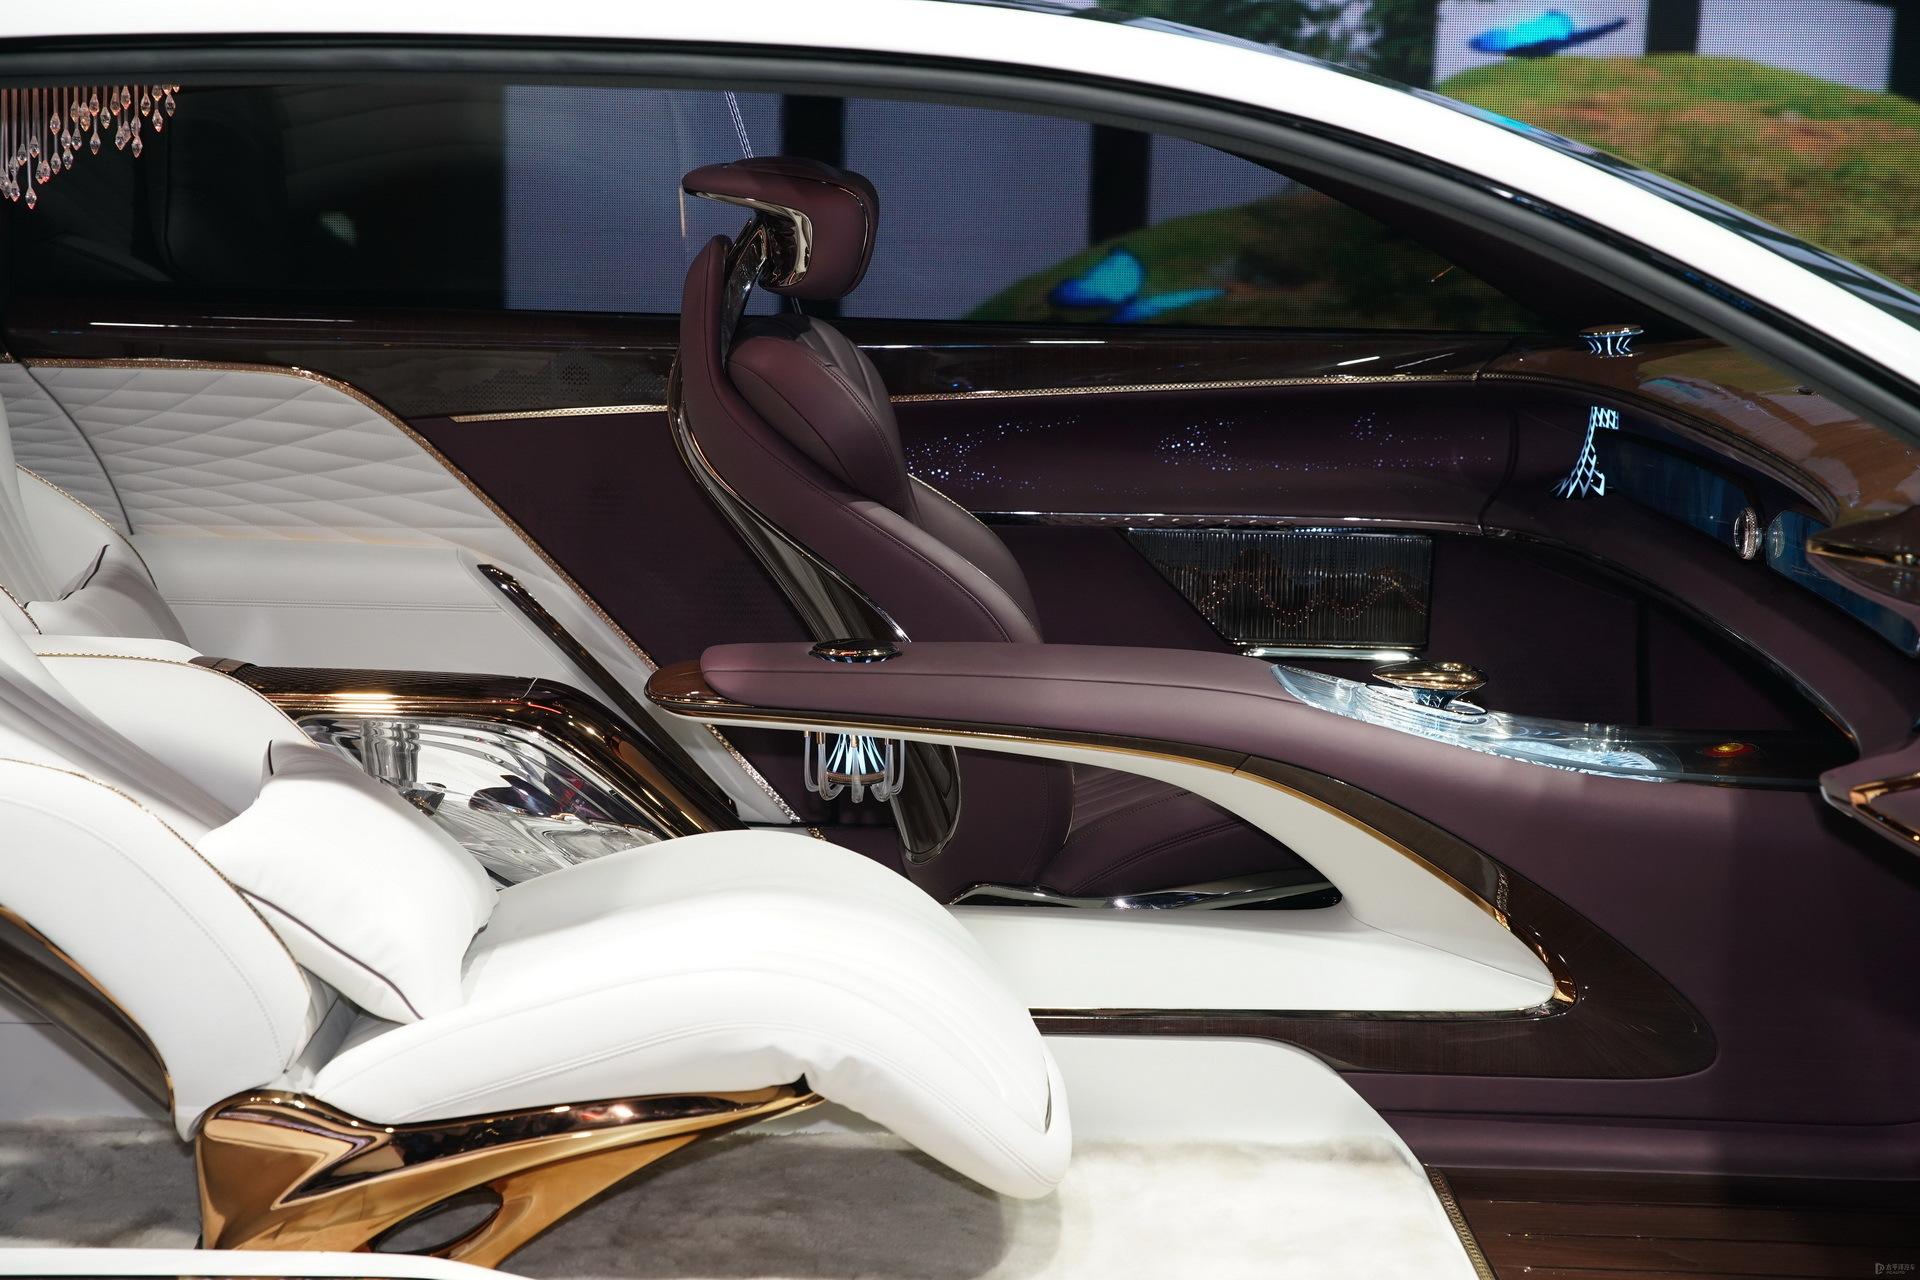 Hé lộ mẫu xe không vô lăng, thiết kế ghế ngồi khác người của Trung Quốc